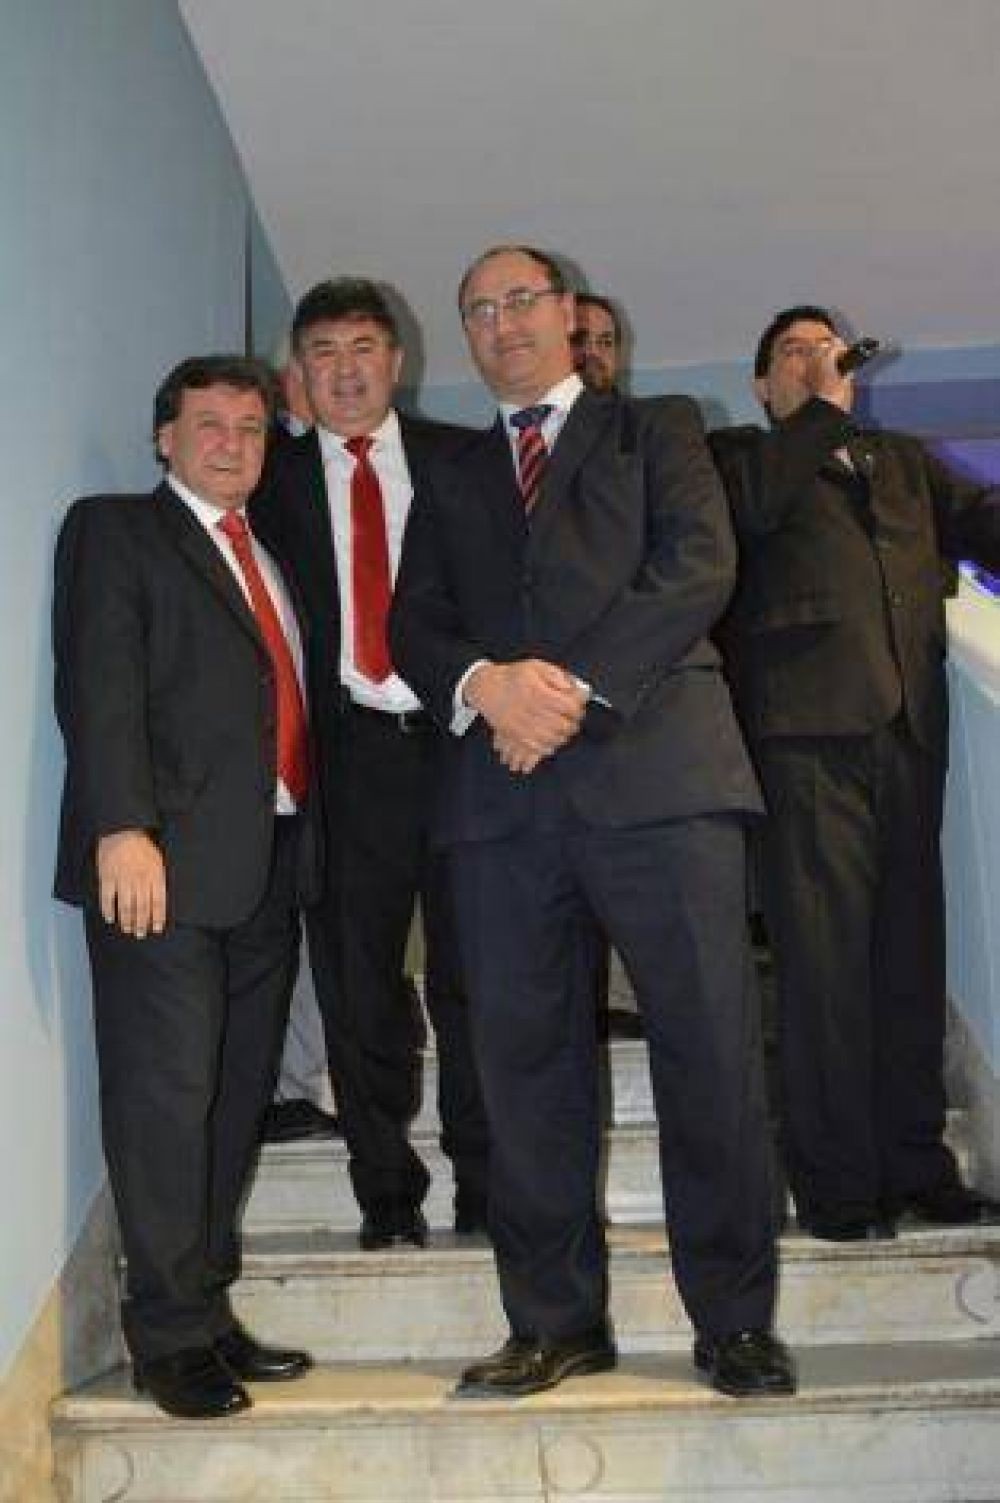 Un amayista junto a dos alperovichistas en la inauguración de la nueva sede de Osecac